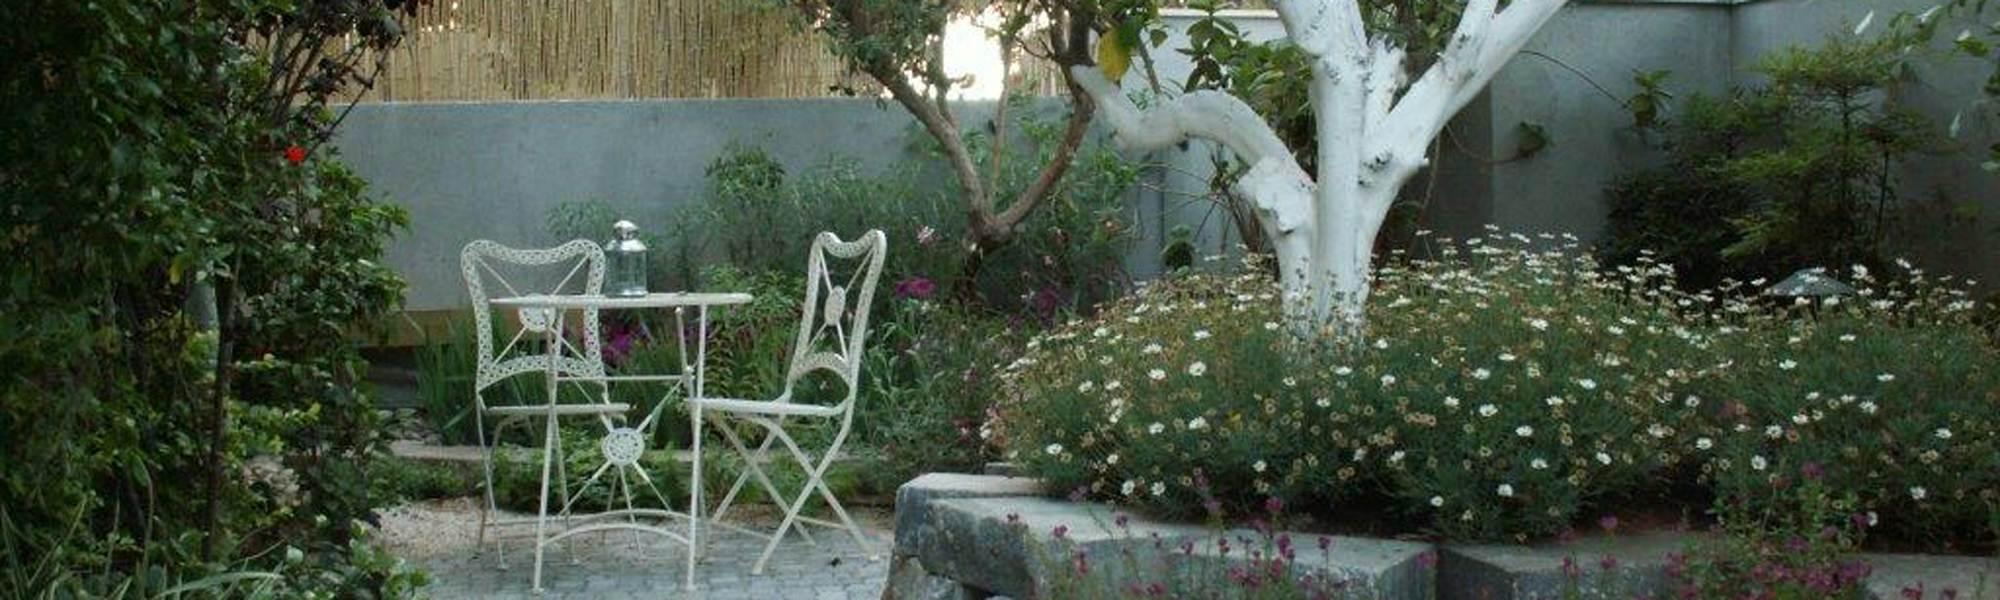 גינה מעוצבת עם כיסאות ברזל לבנים